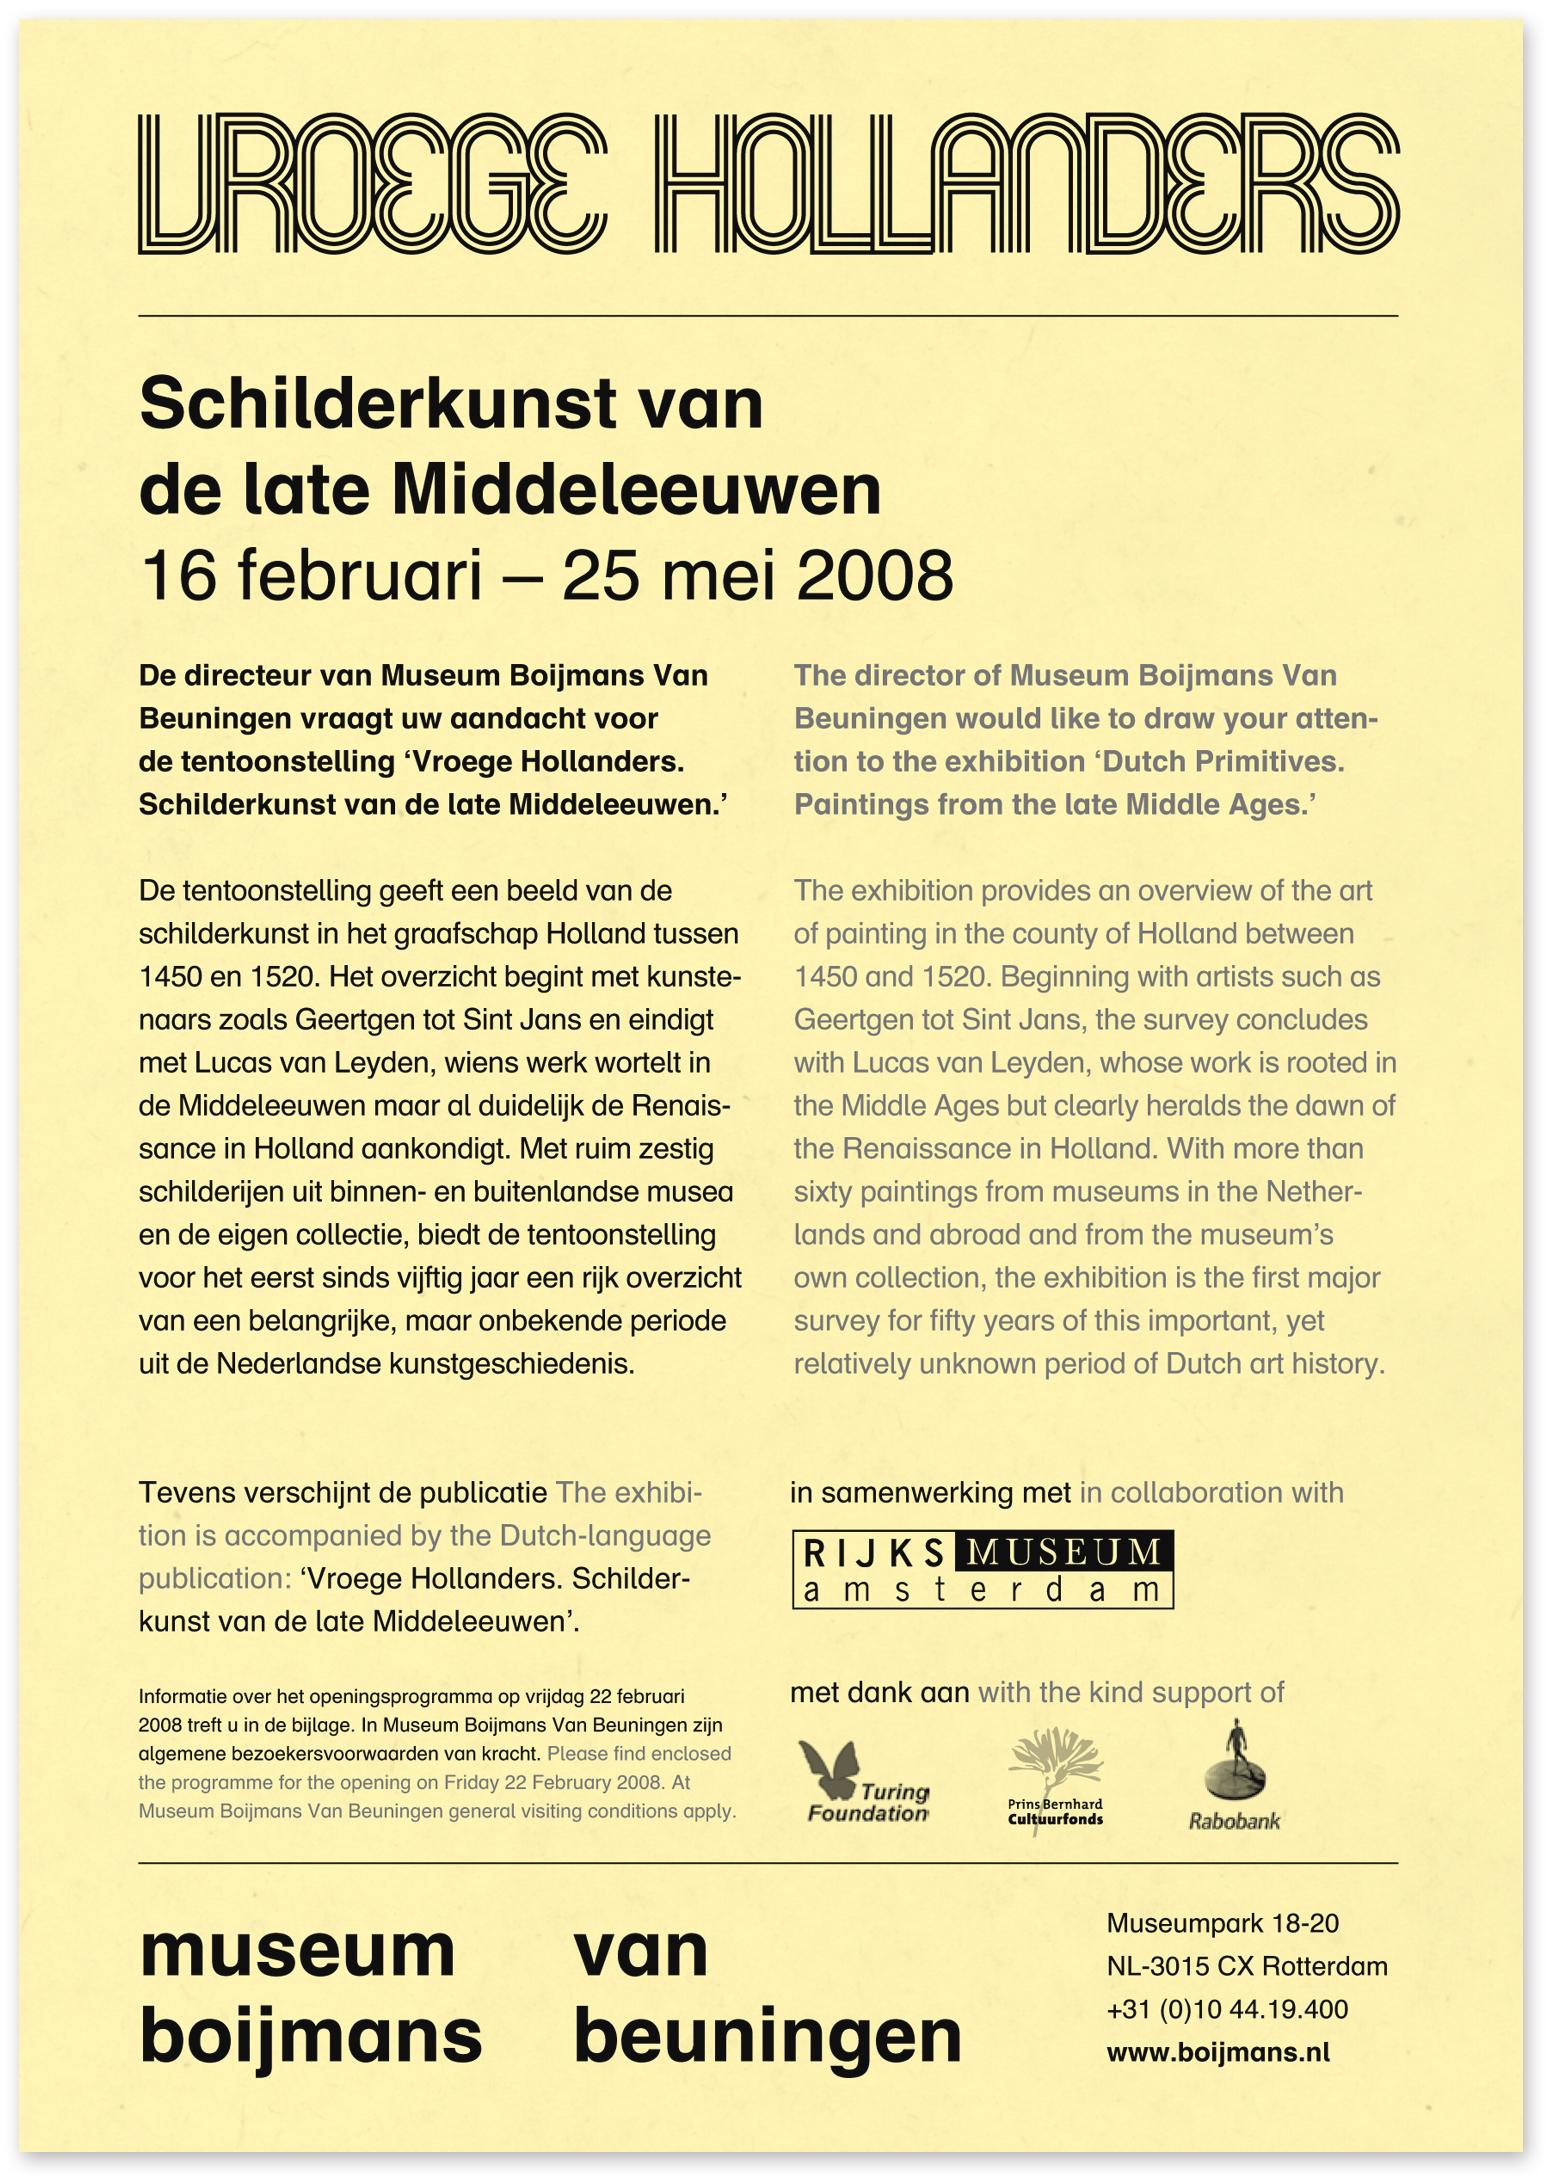 bstudio_colorado-boijmans_van_beuningen-flyer_vroege_hollanders-2